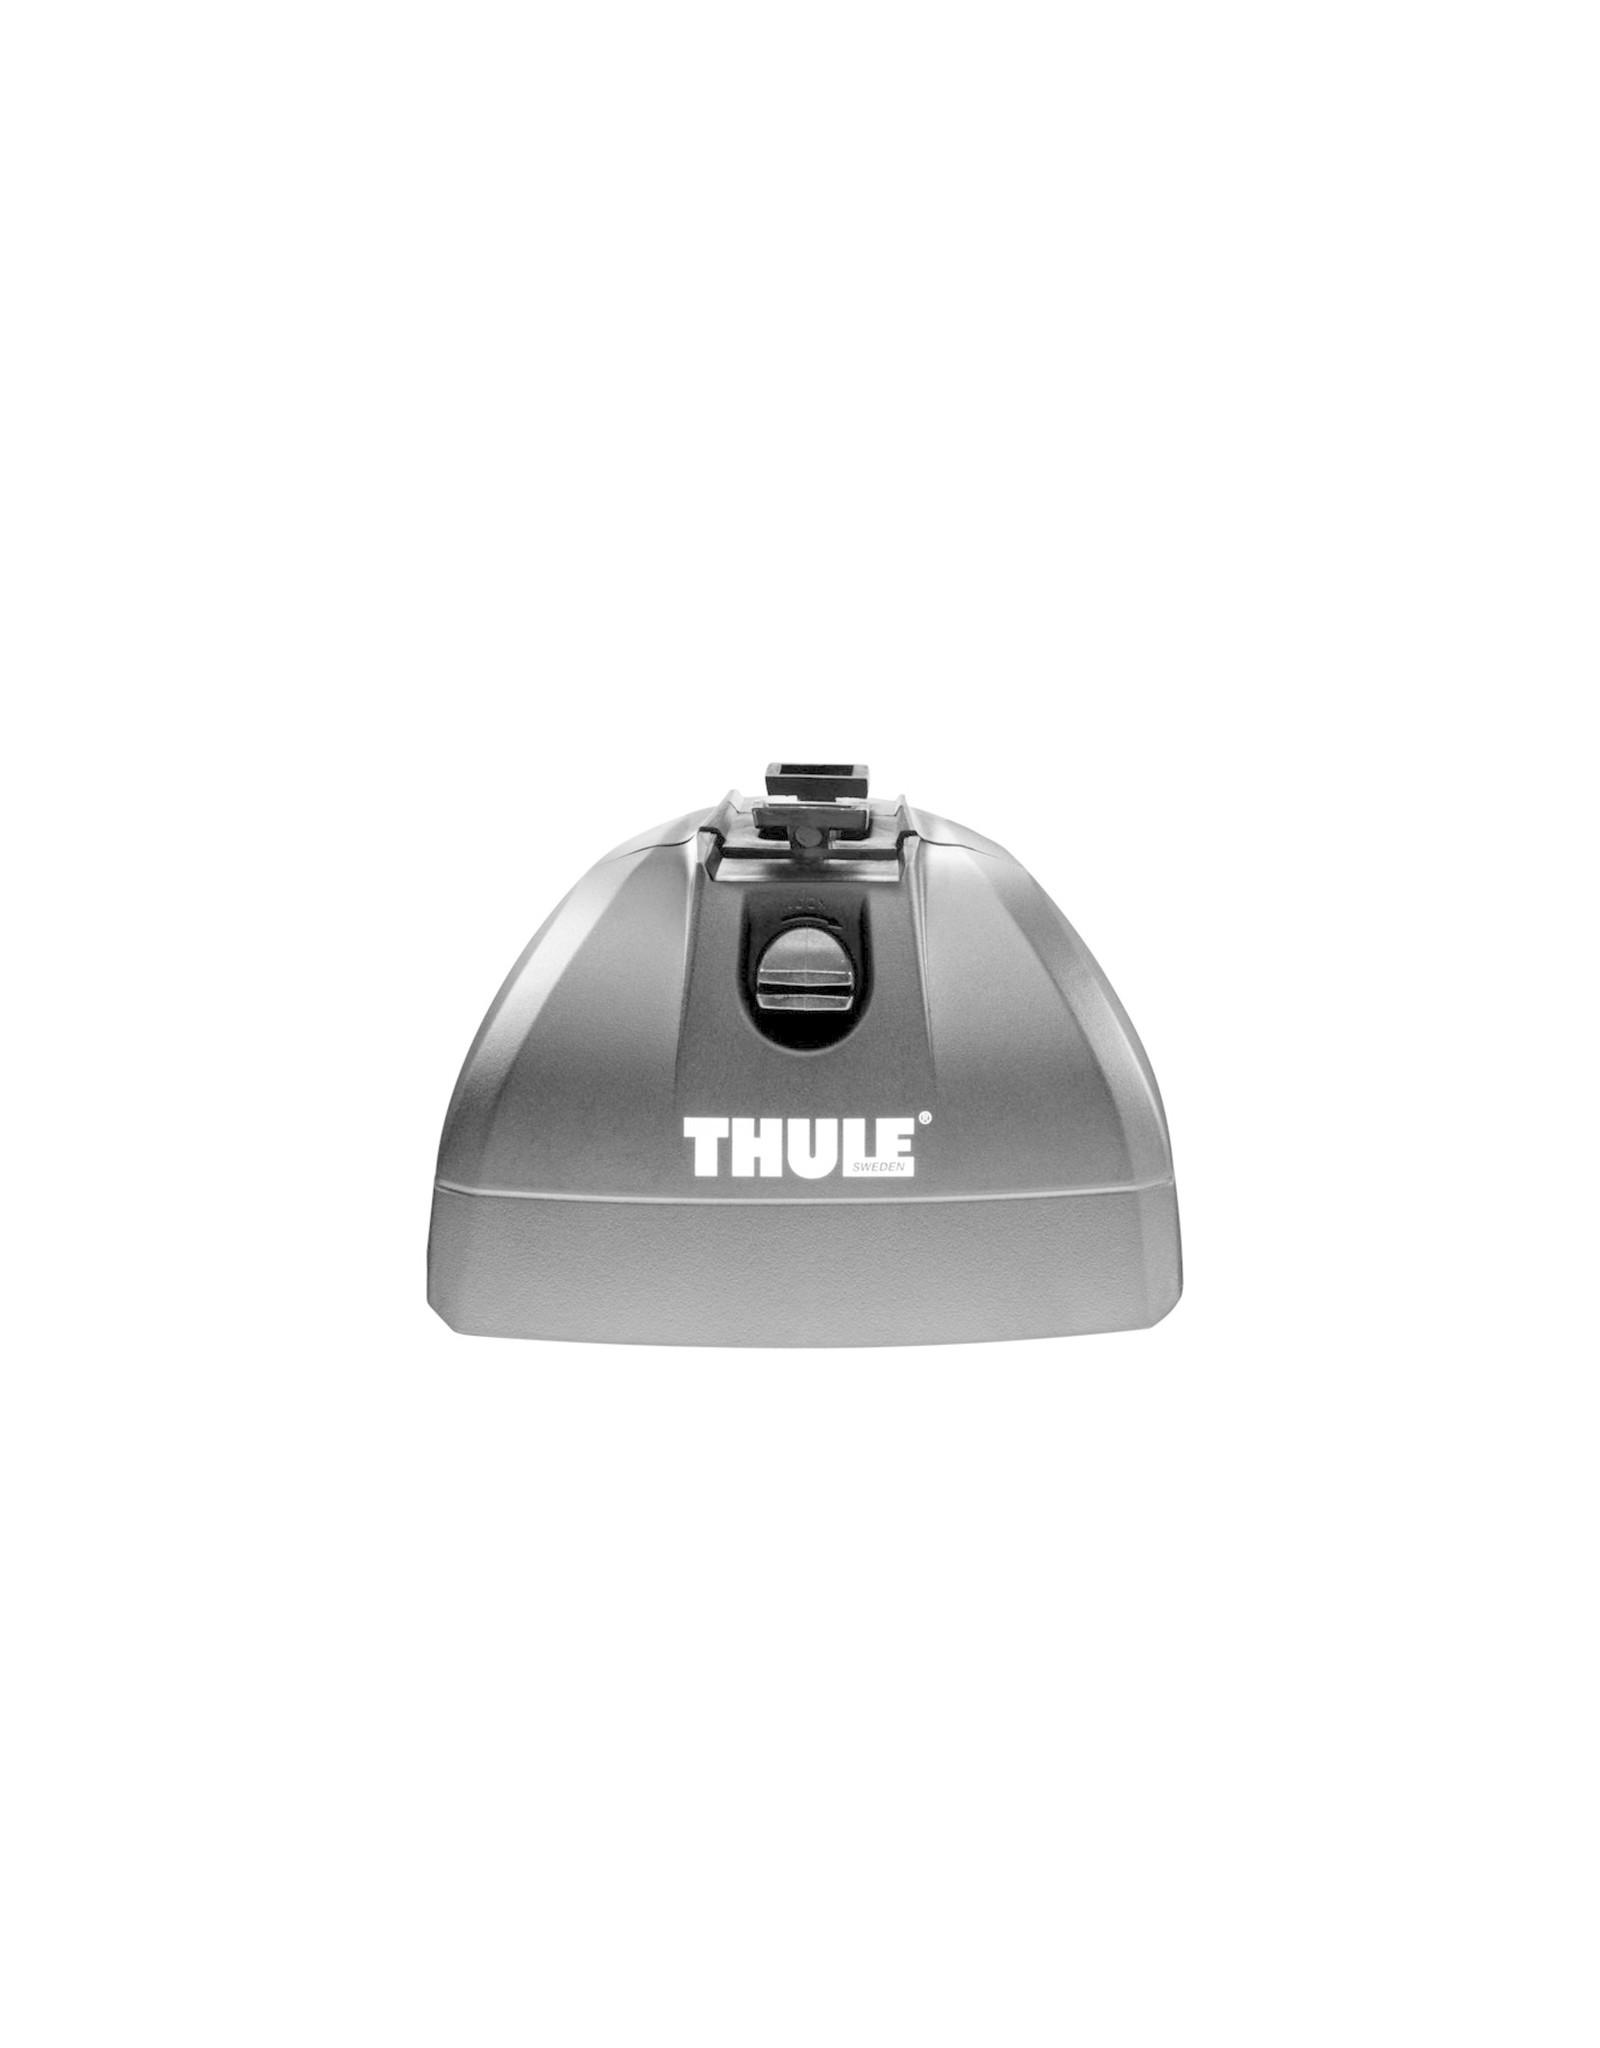 Thule Foot Pack 460R